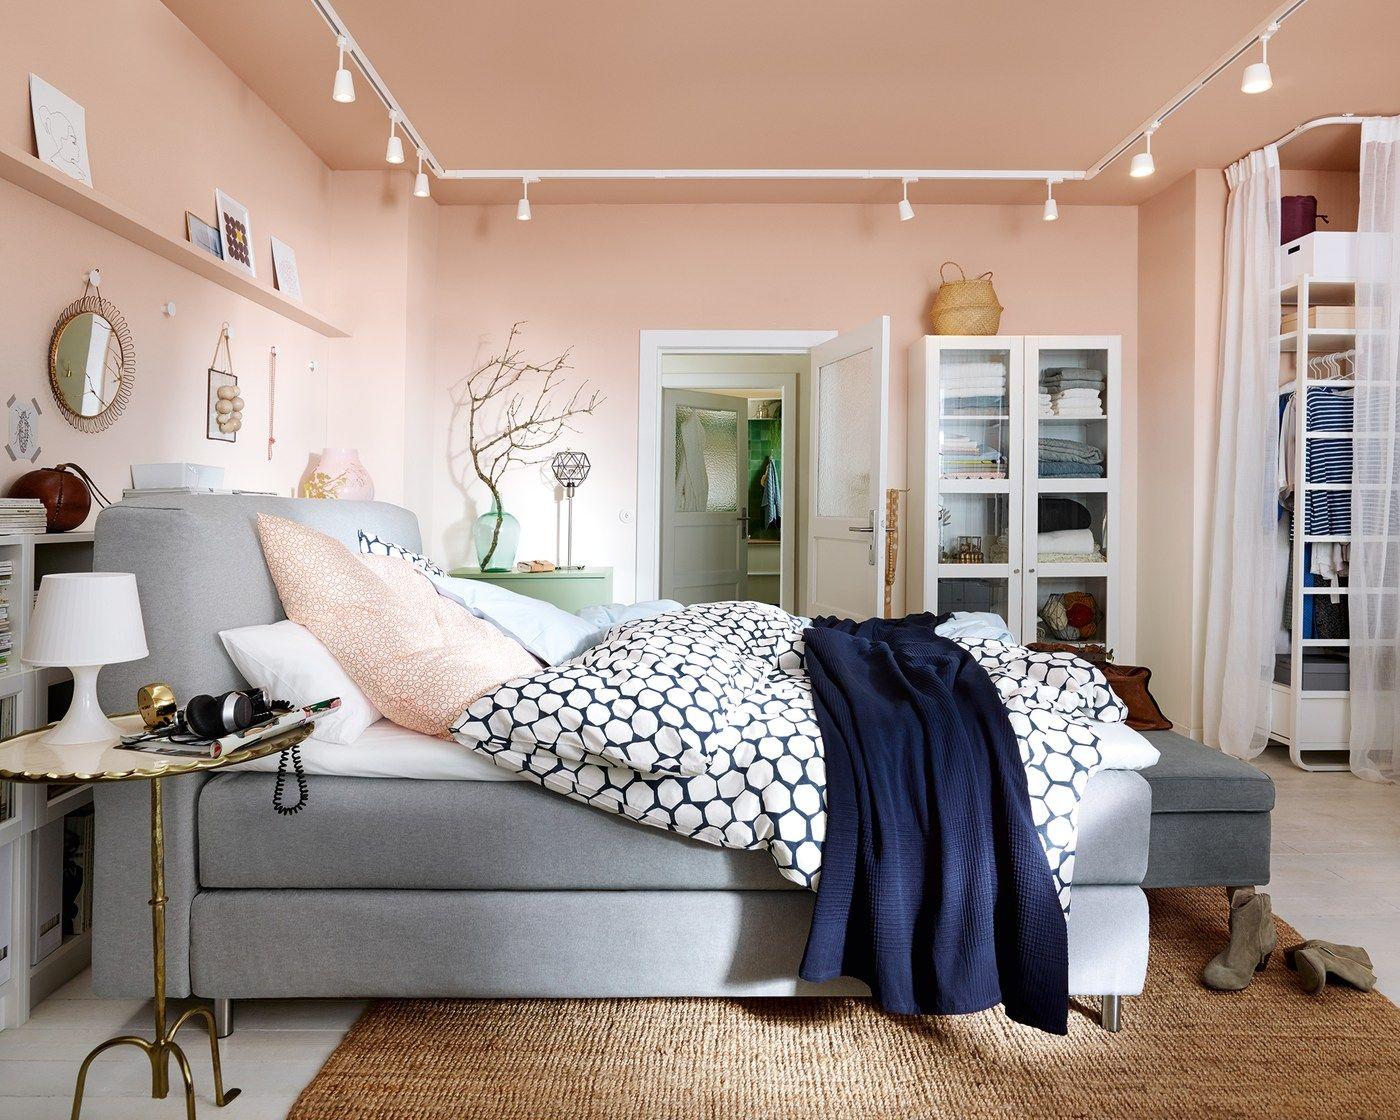 Schlafzimmer Ideen & Inspirationen   Schlafzimmer ...